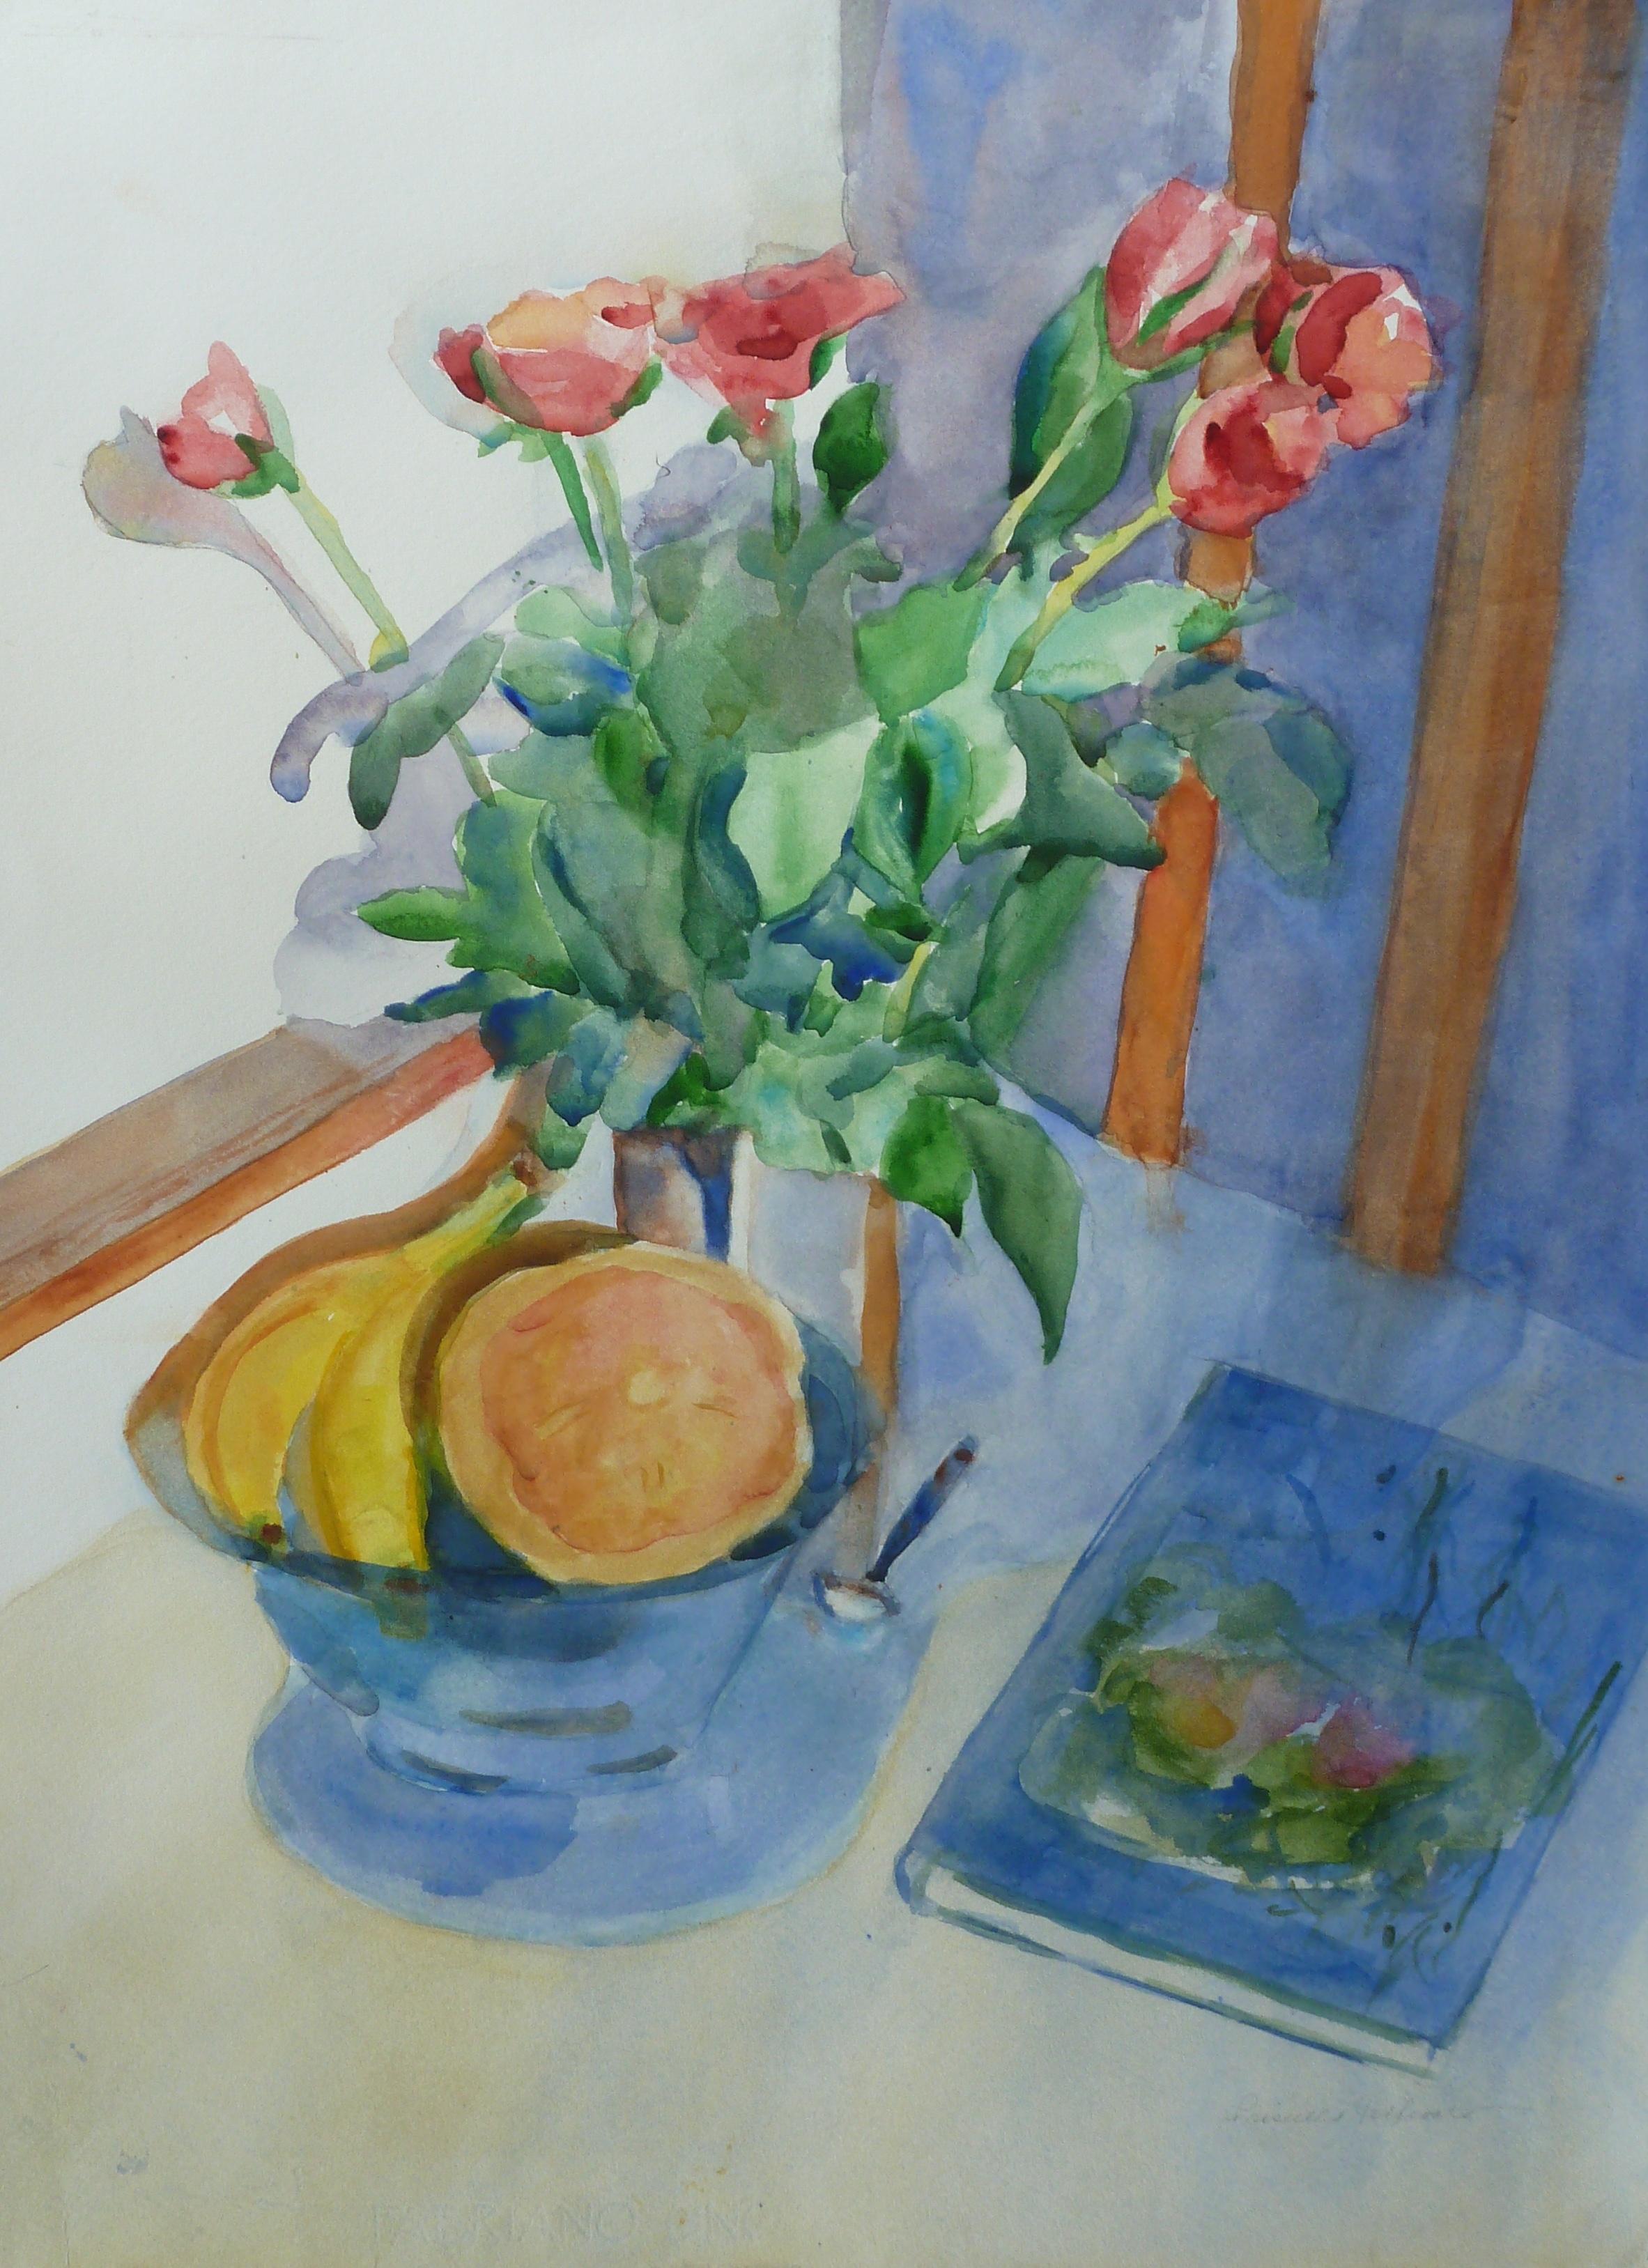 Still Life / Roses  Watercolor  24hx20w  $300